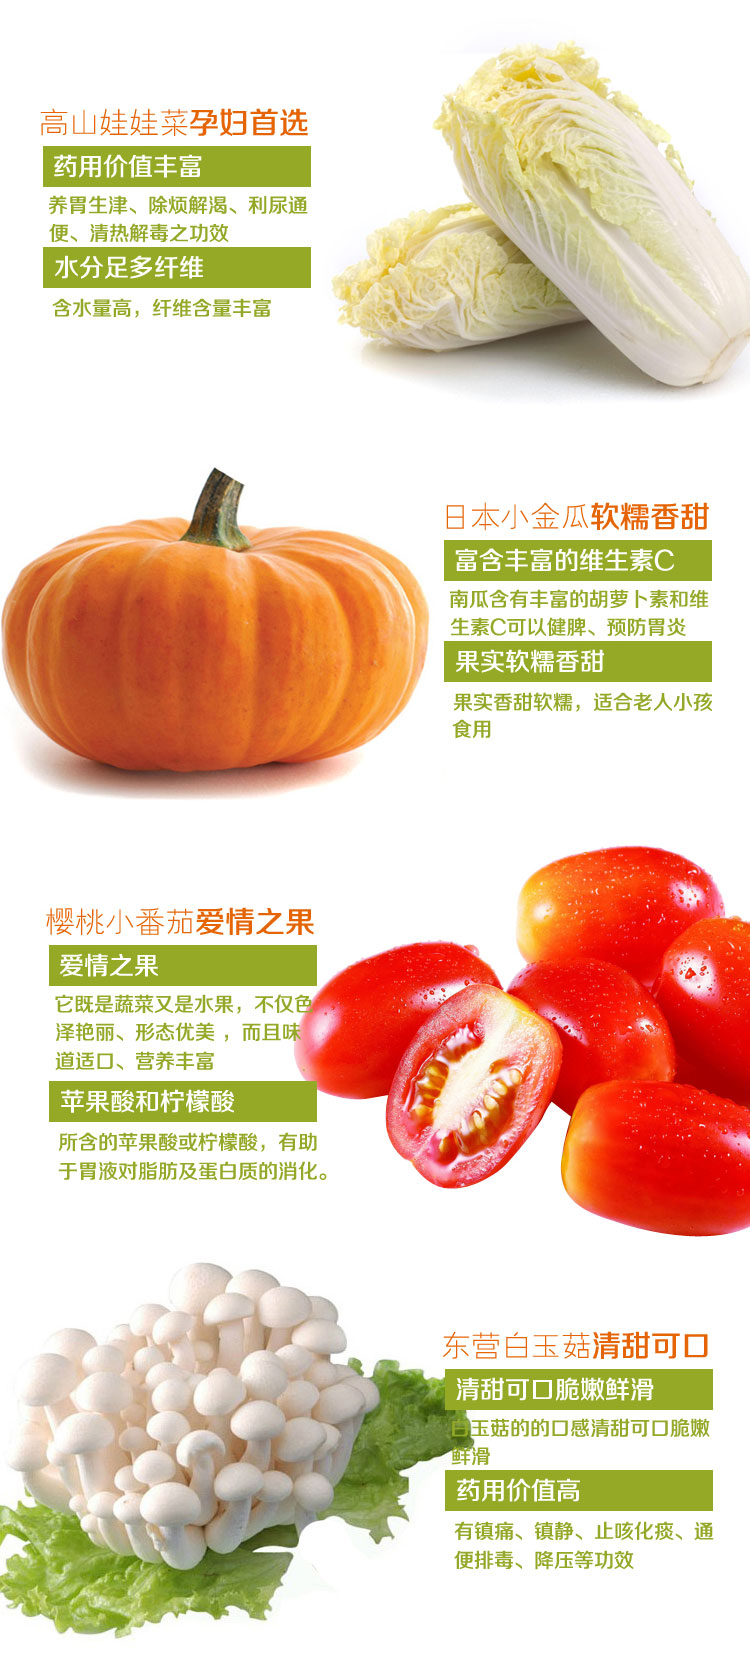 蔬菜2副本_02